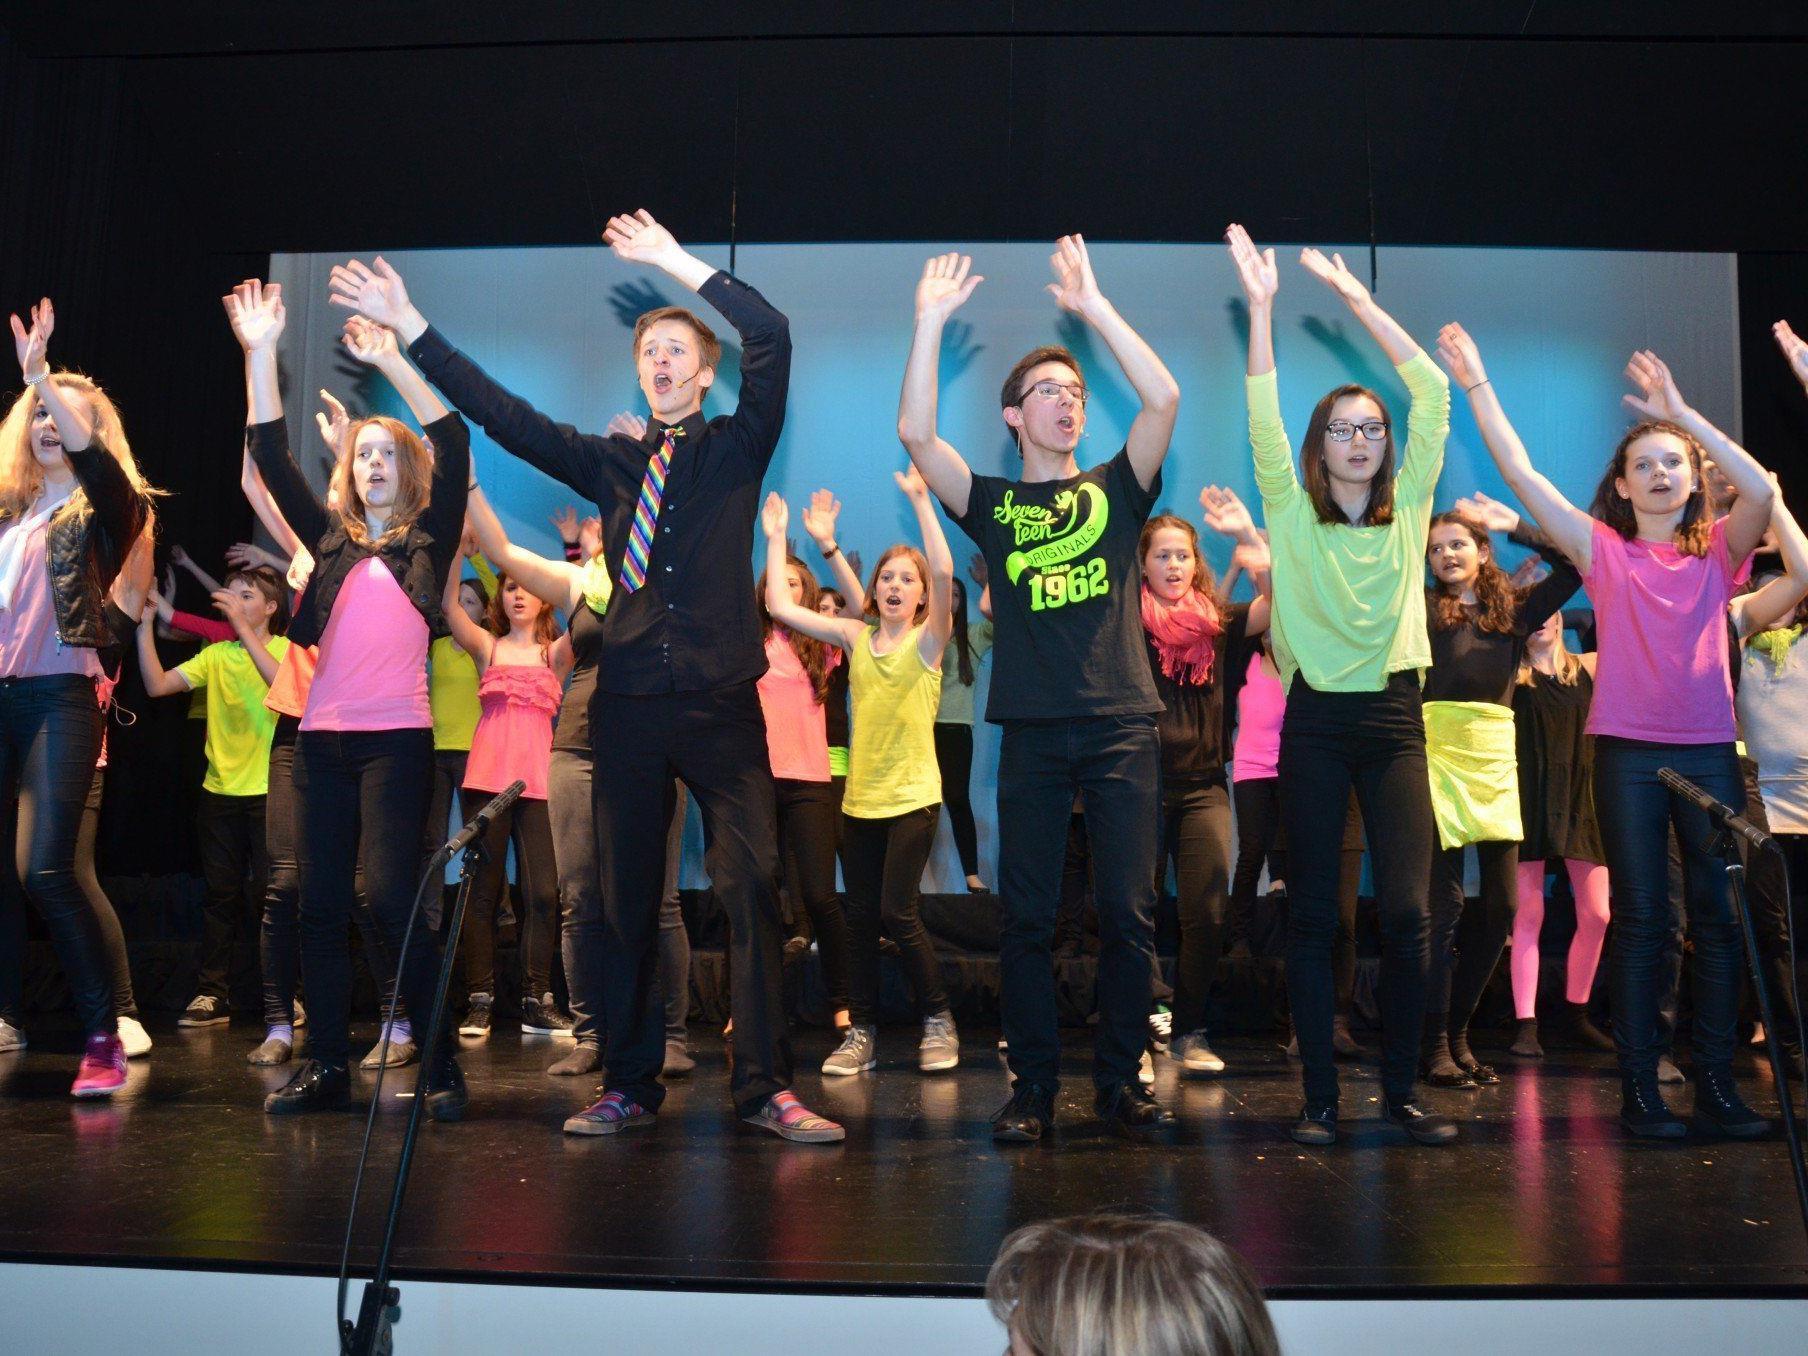 Die jungen Gesangstalente der Musikschule Rankweil - Vorderland begeisterten das Publikum mit ihrer Show.